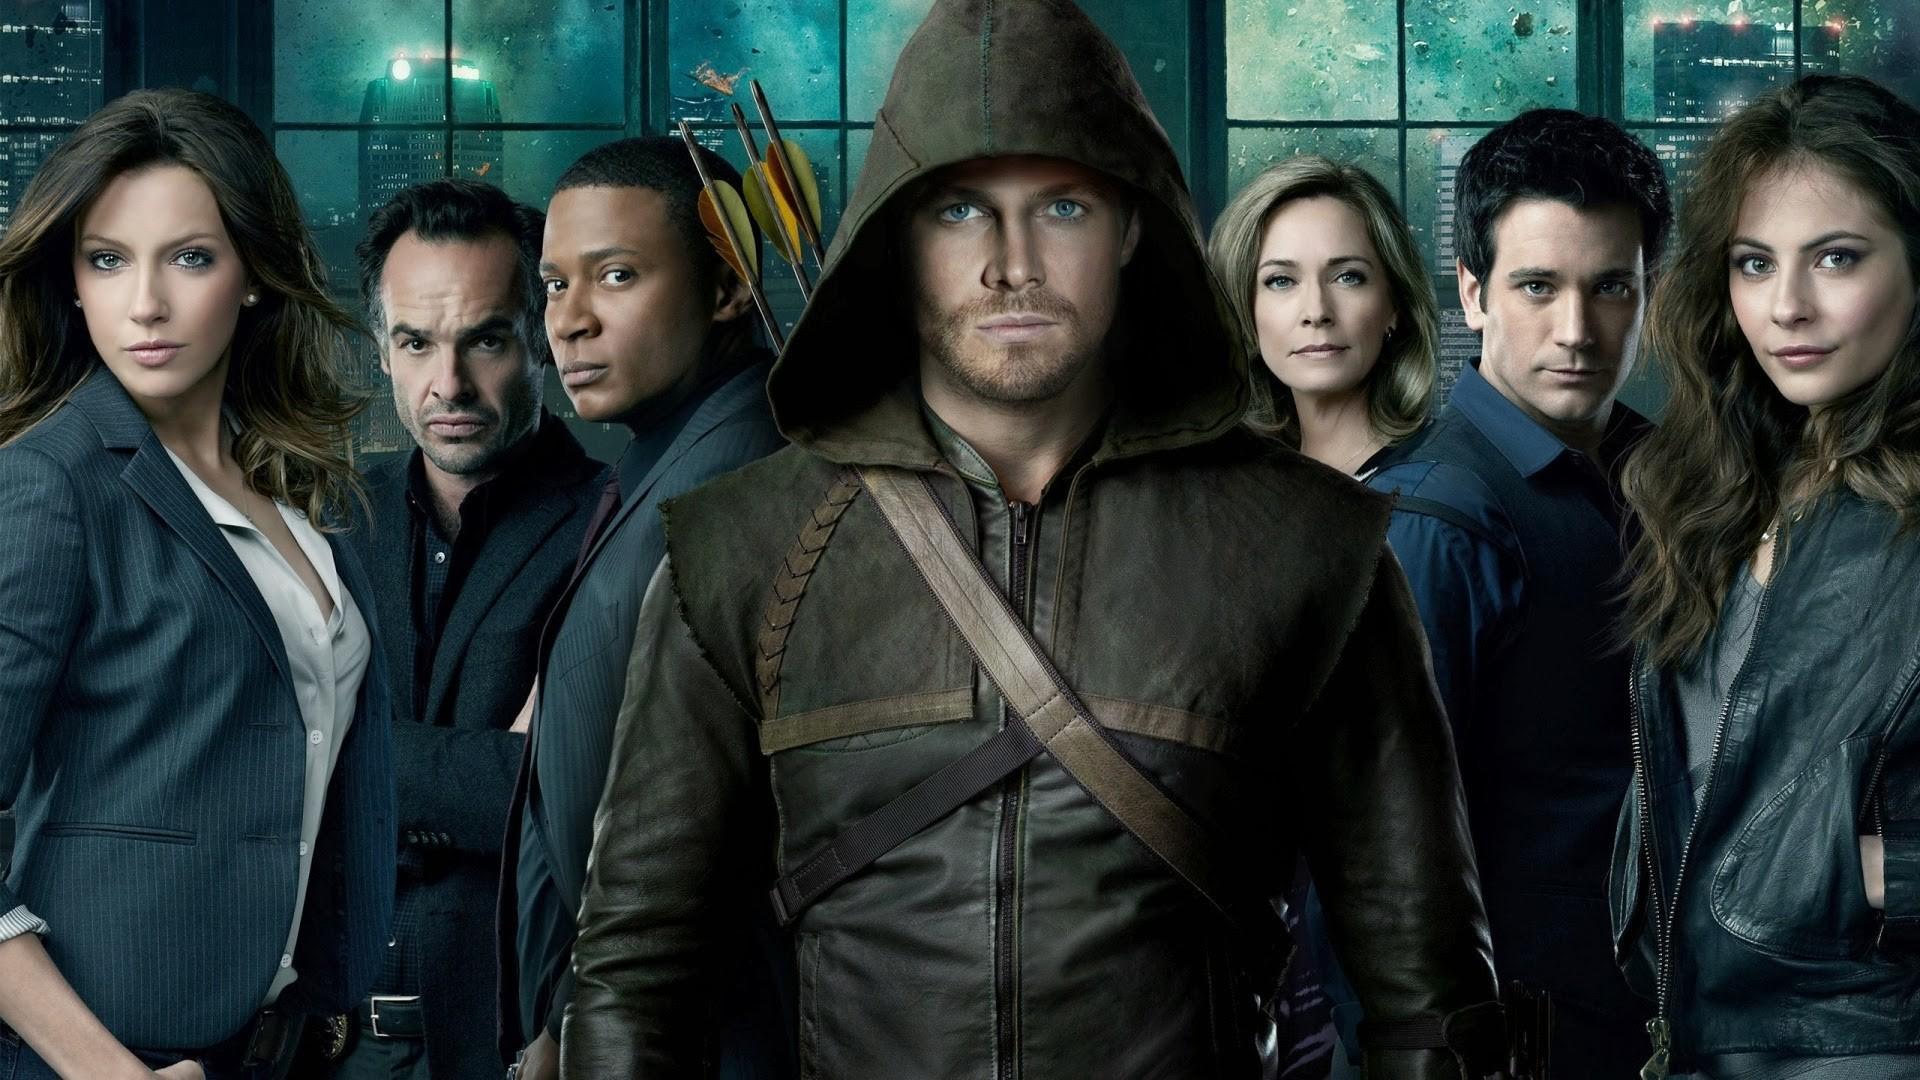 HQ Resolution Arrow Season 3 #3698121 – NMgnCP PC Gallery